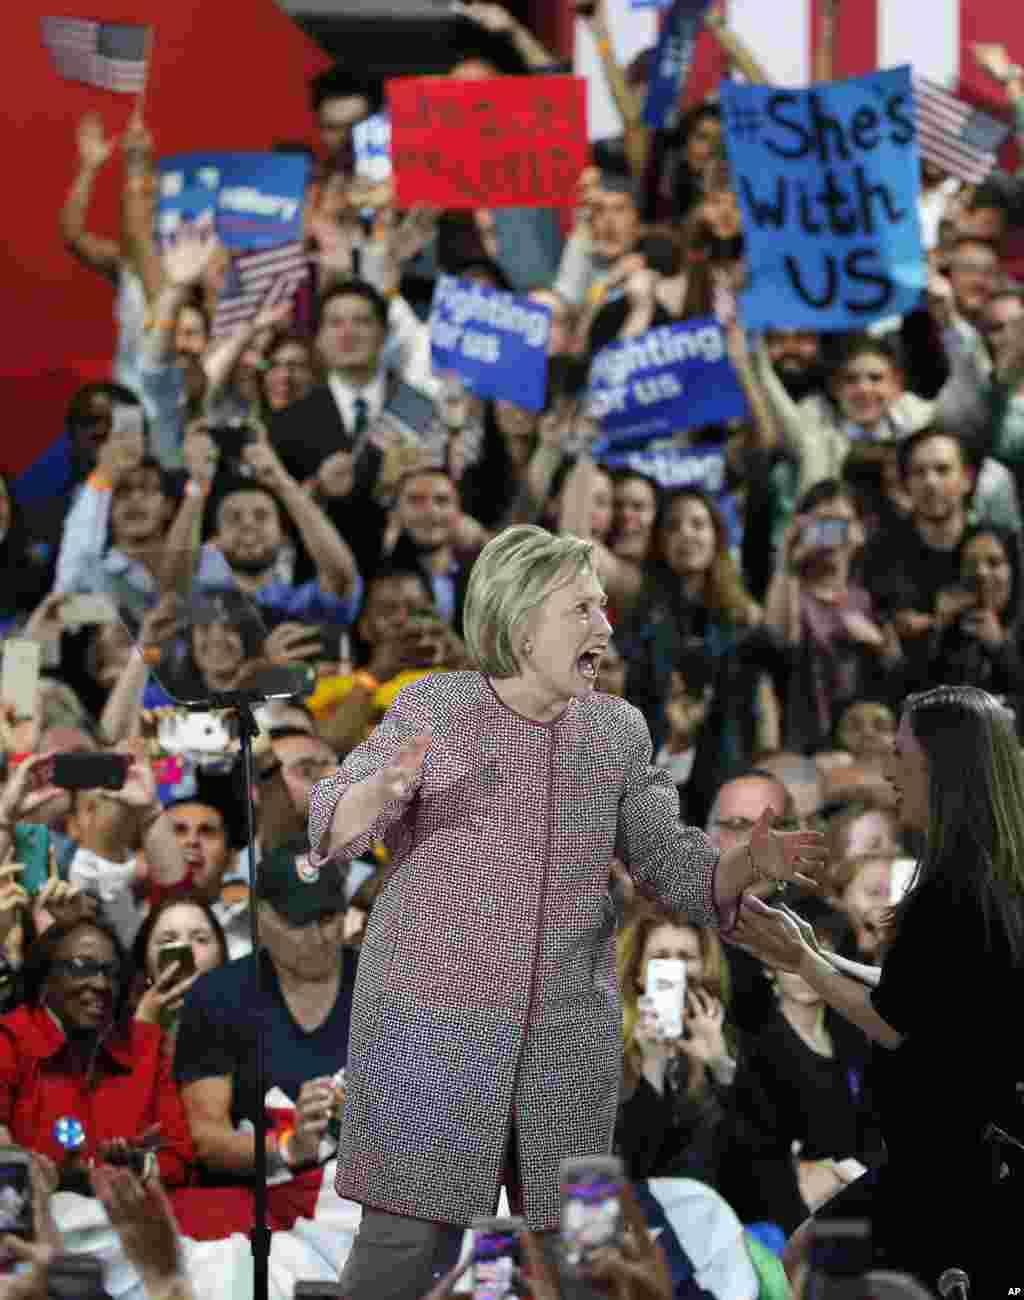 هیلاری کلینتون بعد از پیروزی در انتخاباتی مقدماتی نیویورک در جمع هوادارانش. کلینتون گفت پیروزی امشب ثابت کرد، هیج جا خانه نمی شود.